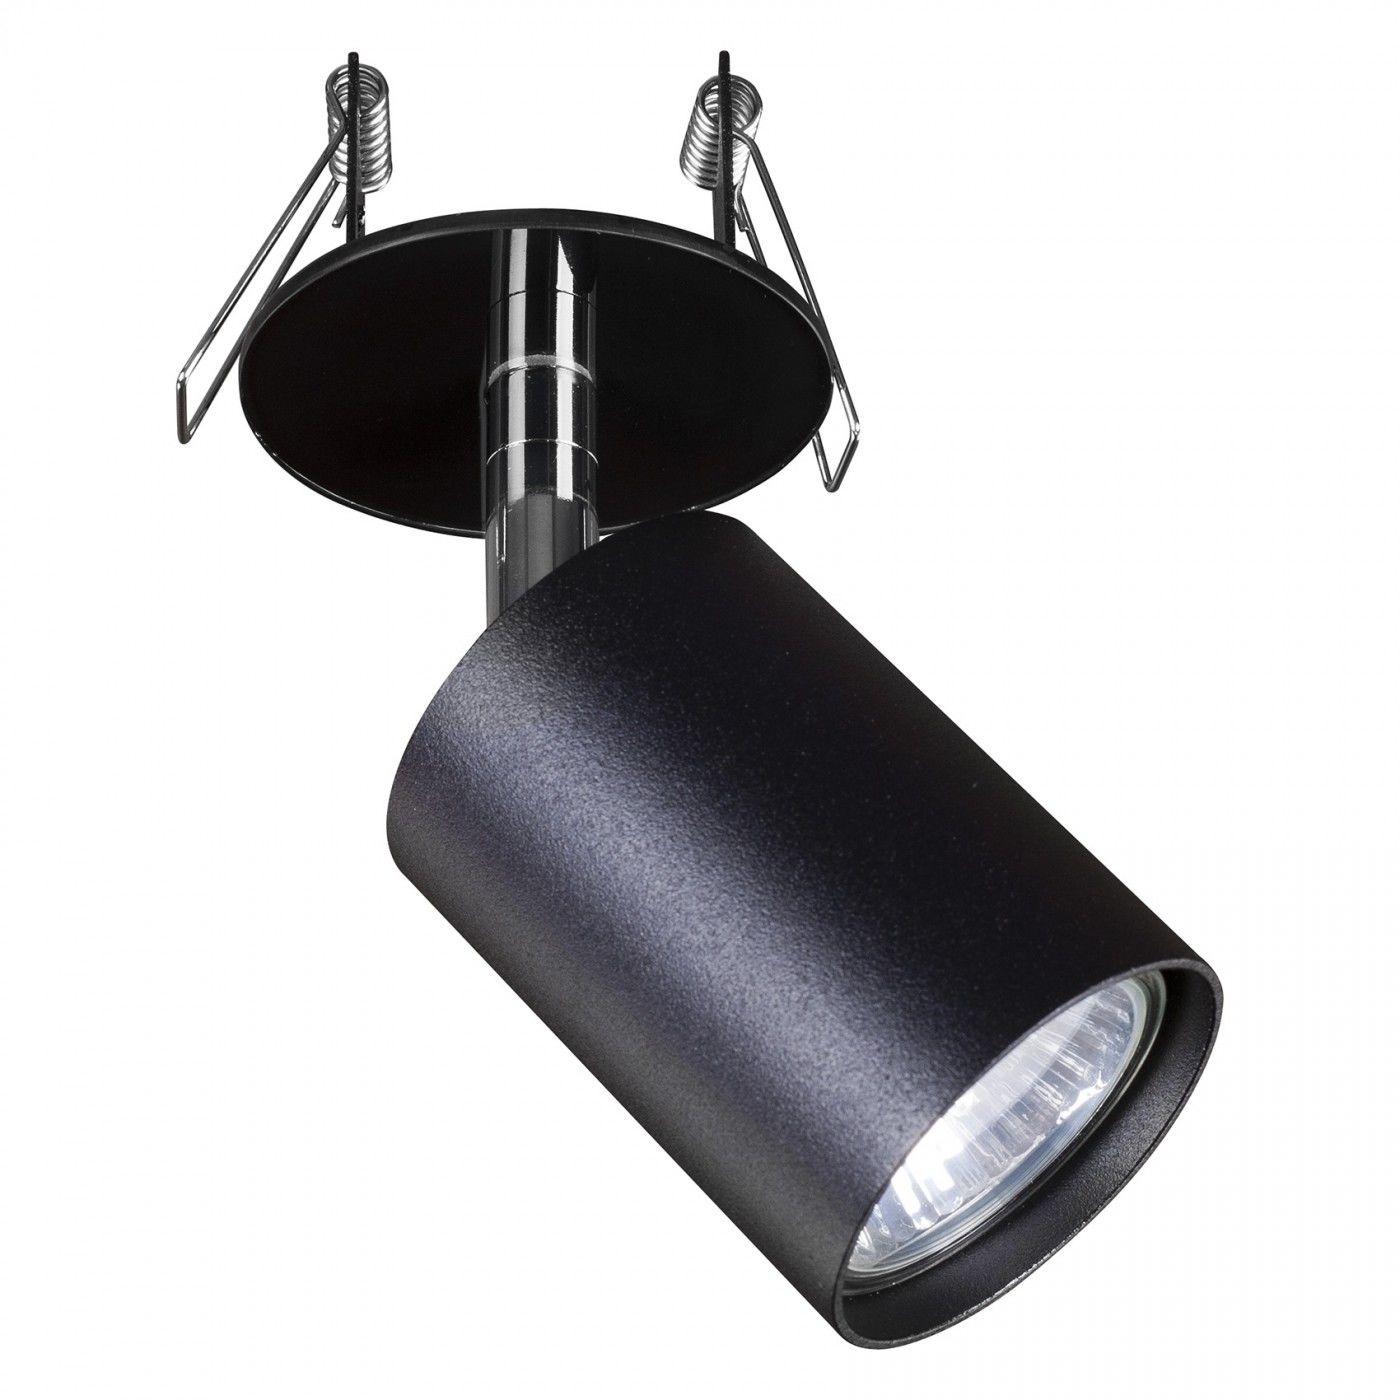 Oprawa wpuszczana Eye Fit 9400 Nowodvorski Lighting pojedynczy czarny reflektor